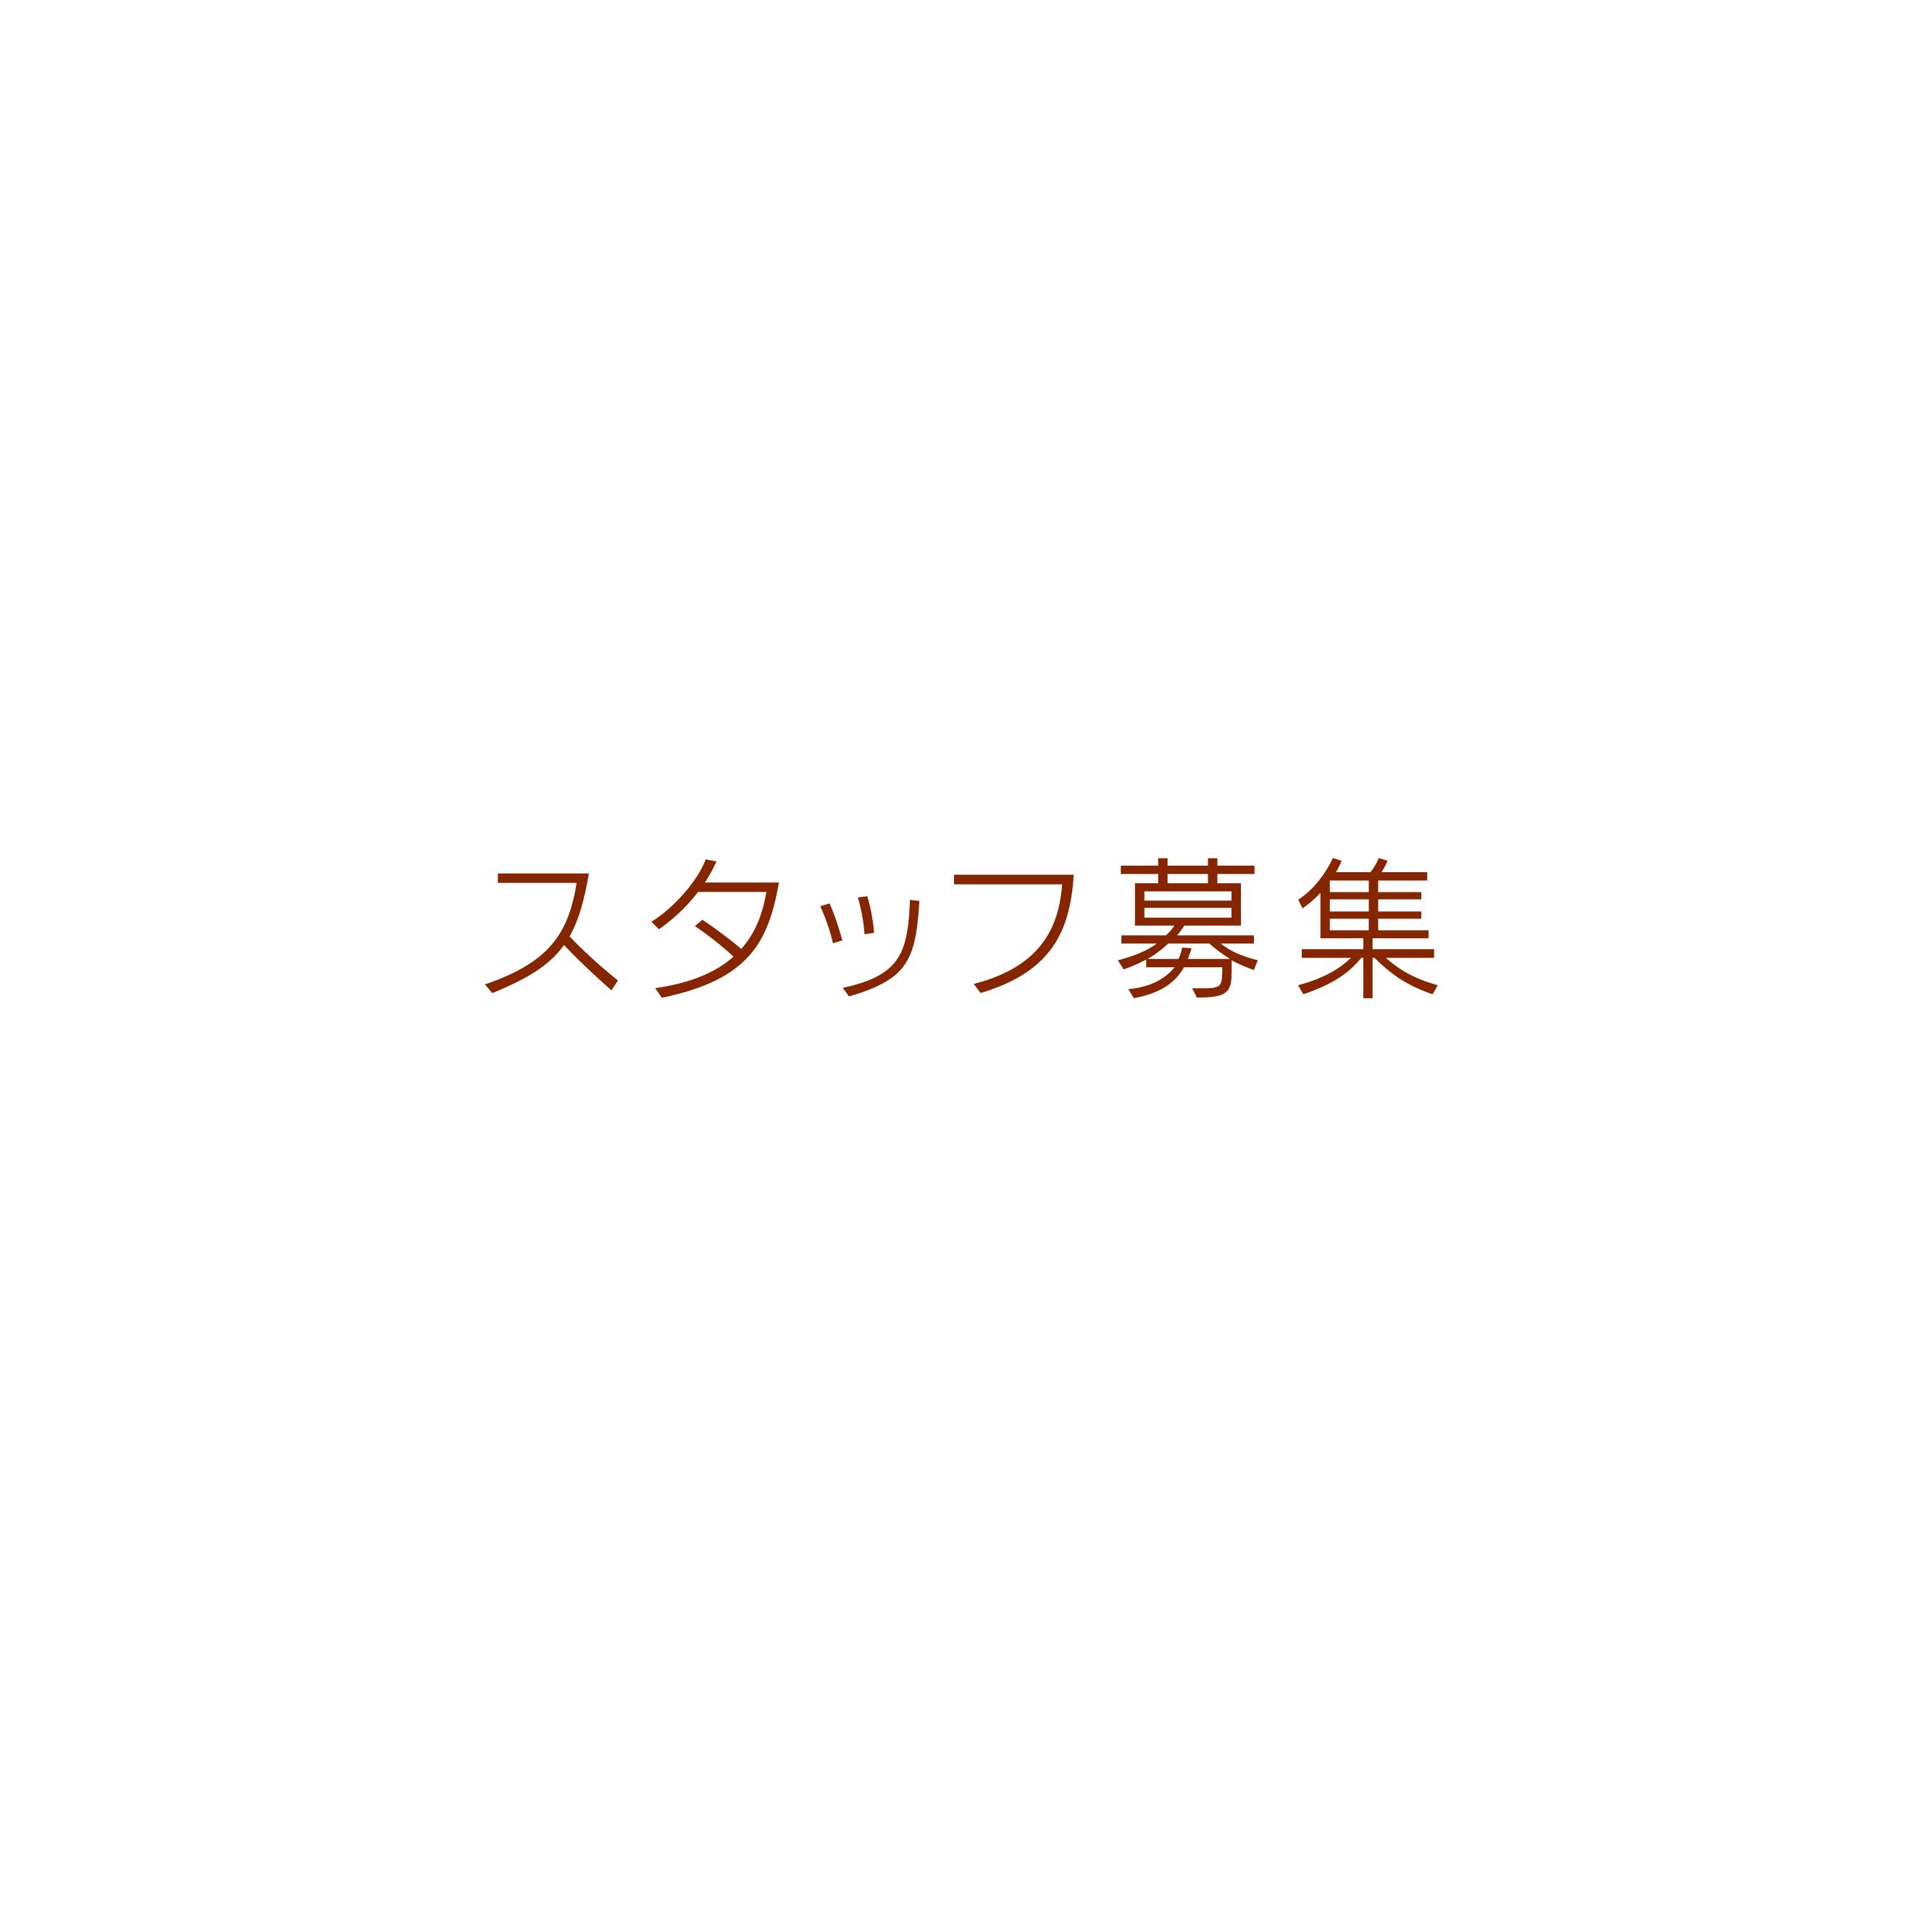 株式会社神戸デザインセンター でスタッフを募集します